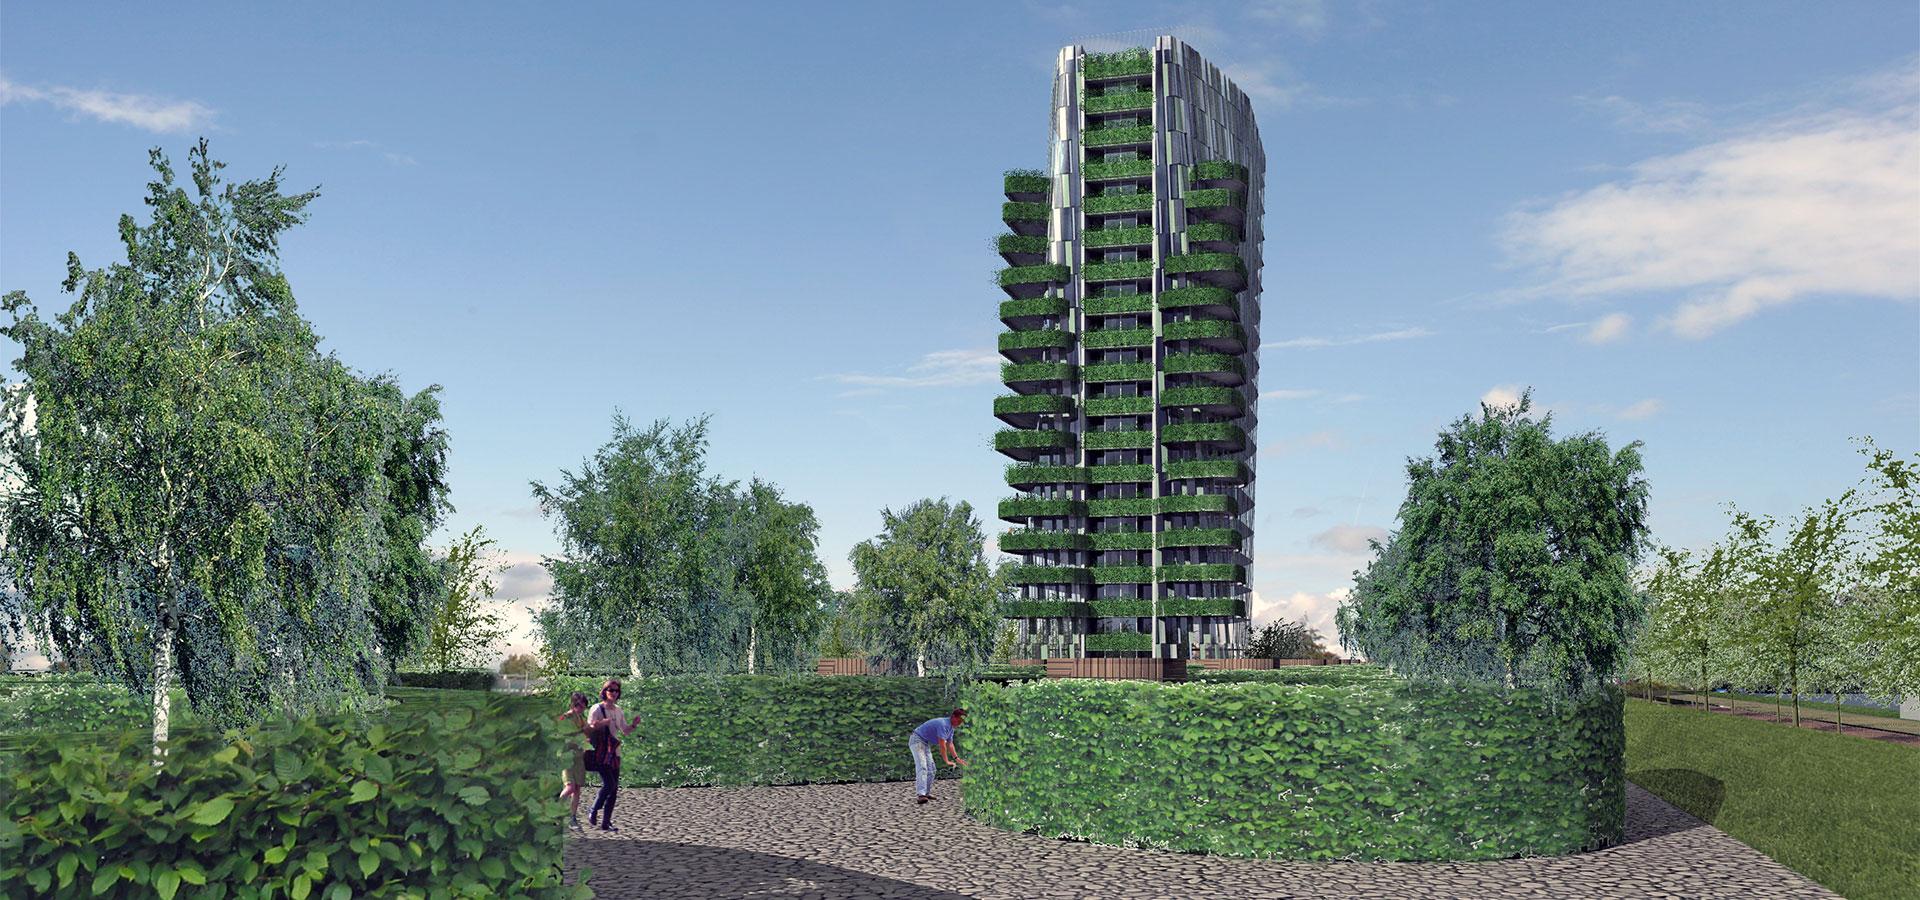 FARO architecten Casa Cascada Cascadepark Almere 03